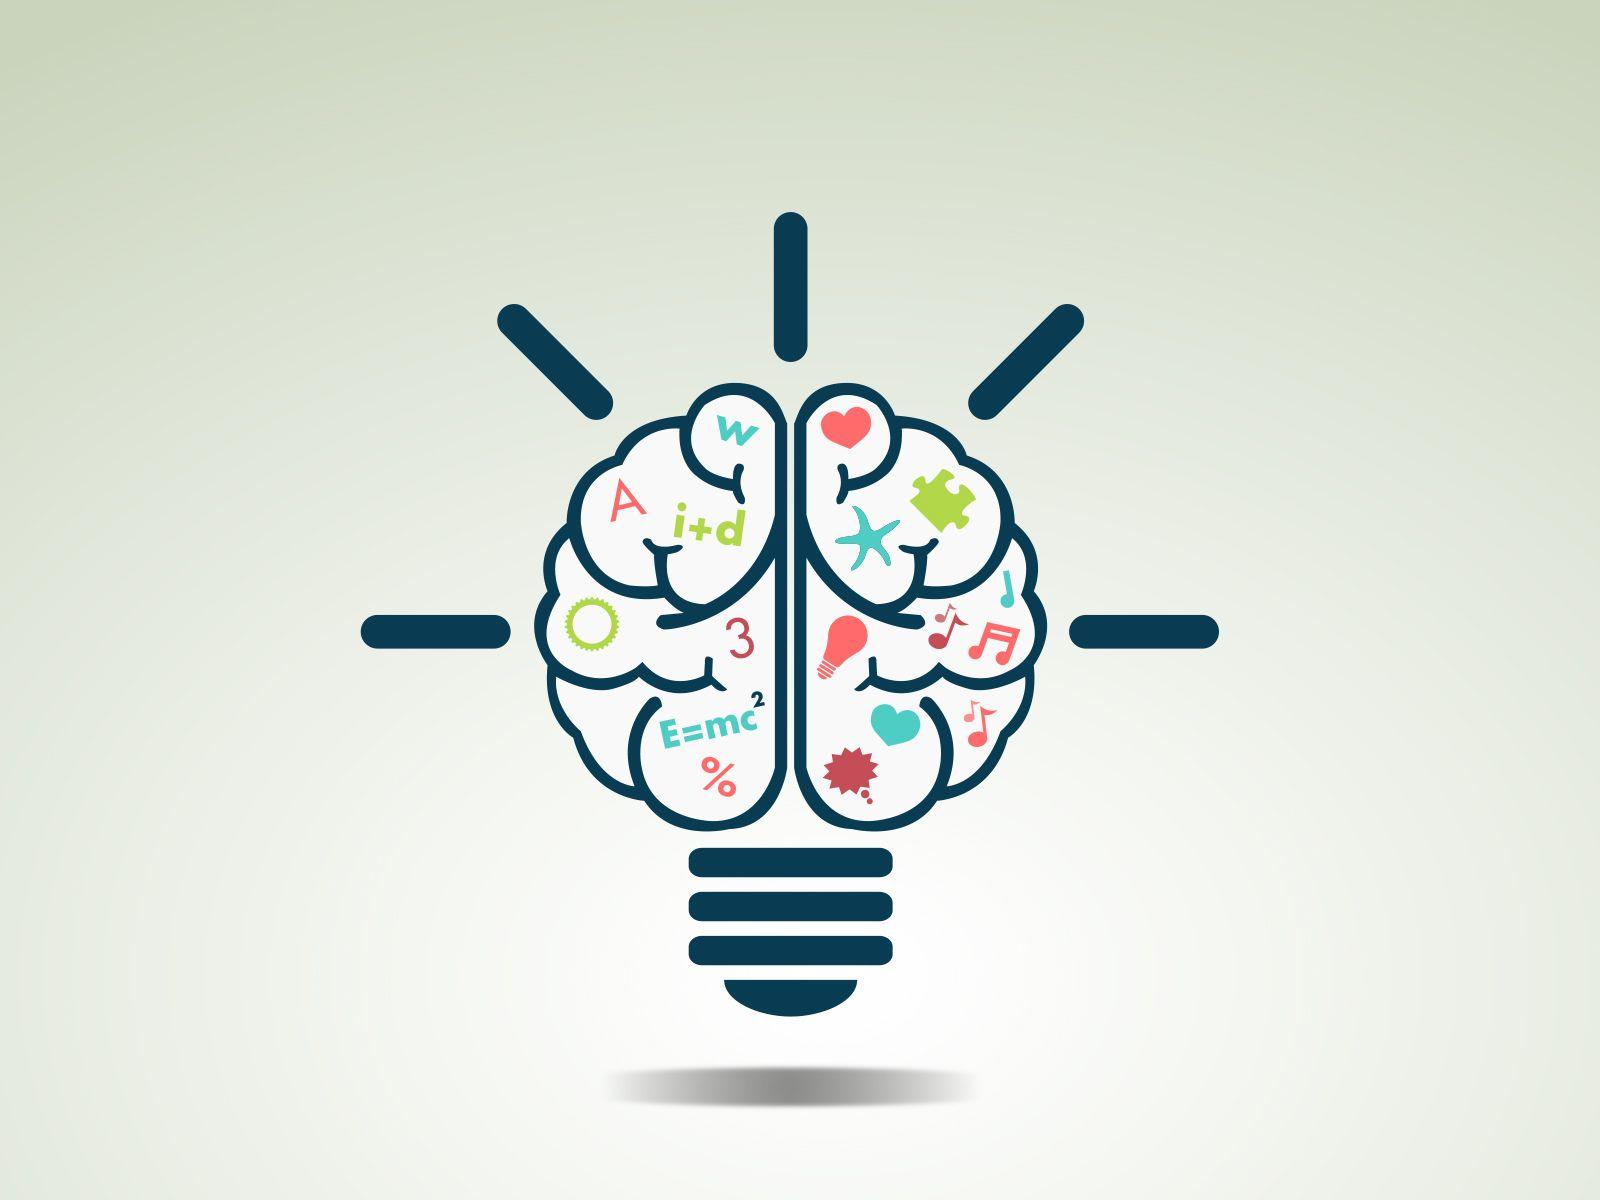 creative brain idea ppt backgrounds